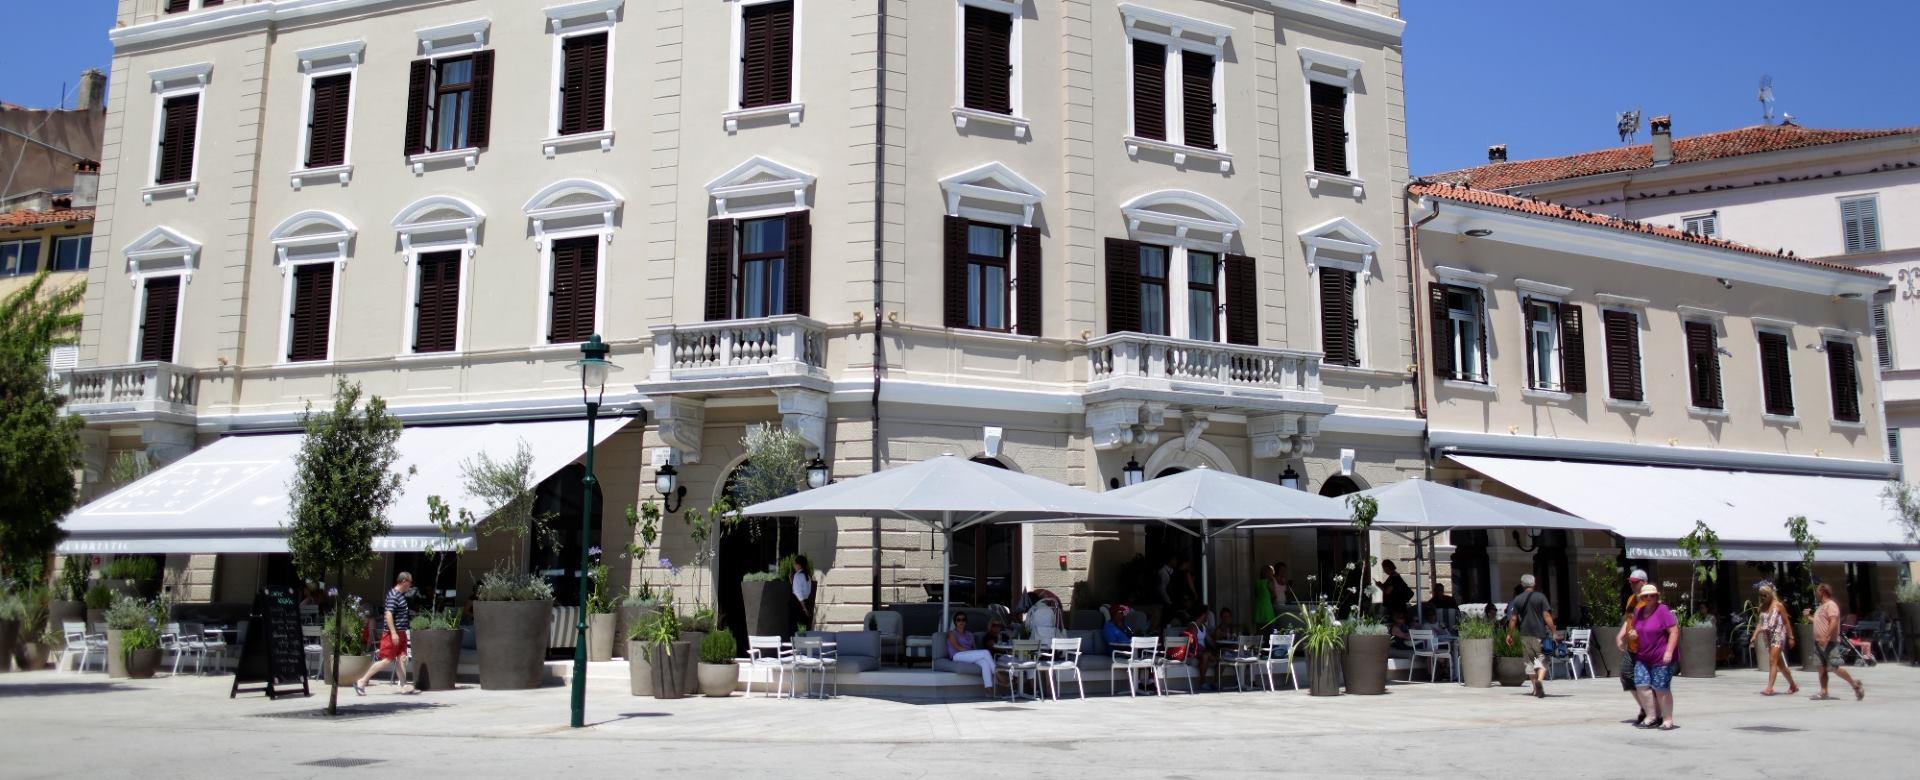 Prestižna nagrada gostiju za obnovljeni rovinjski hotel Maistrin hotel Adriatic